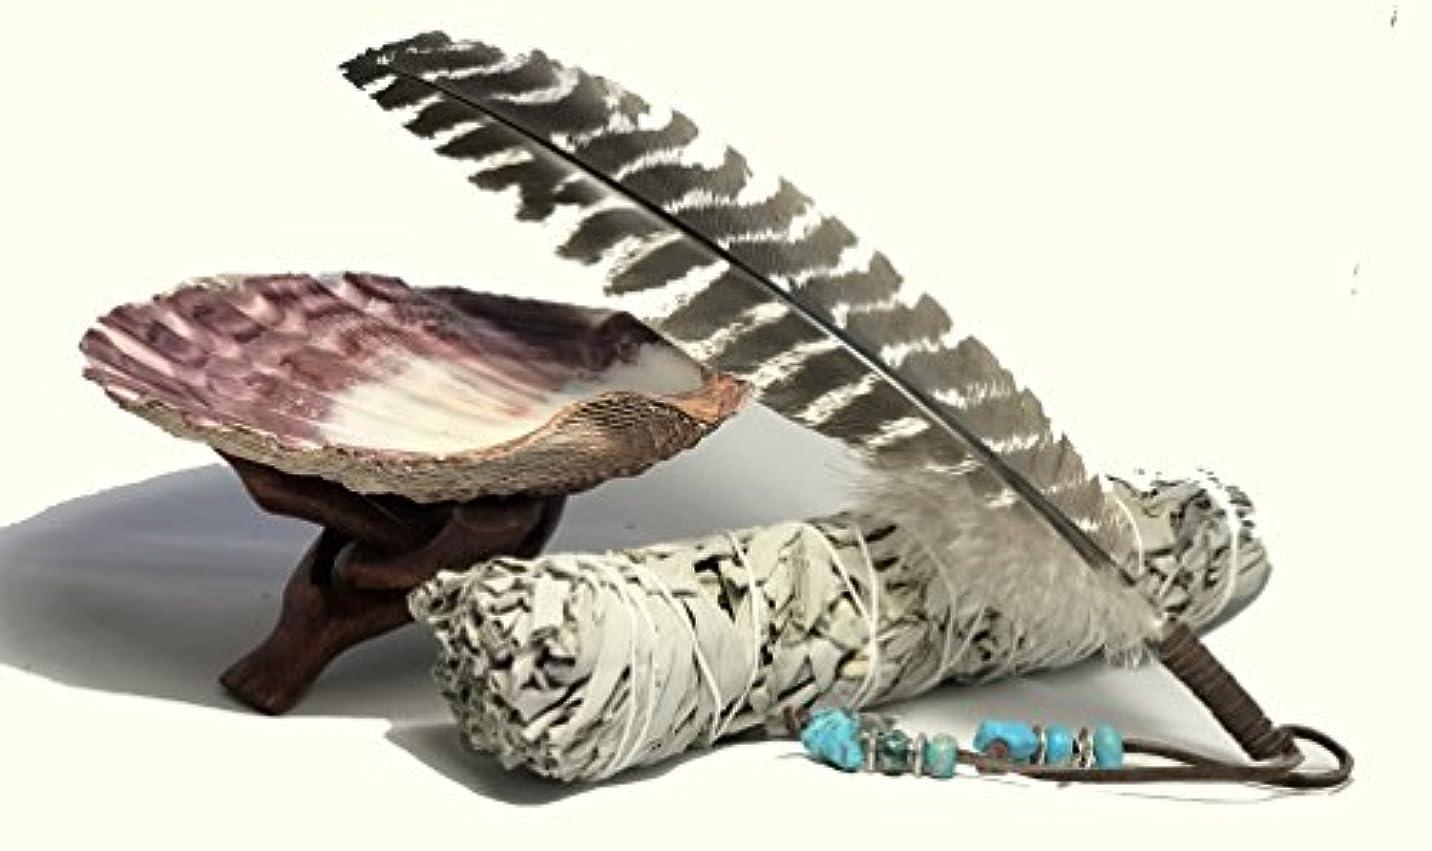 出しますトリクル恒久的大きな美しいプレミアムLion Pawシェル、木製コブラ三脚スタンド、LargeホワイトセージSmudge Stick and a handフェザー装飾。ホーム祝福とクレンジングRitual Instructions Included。